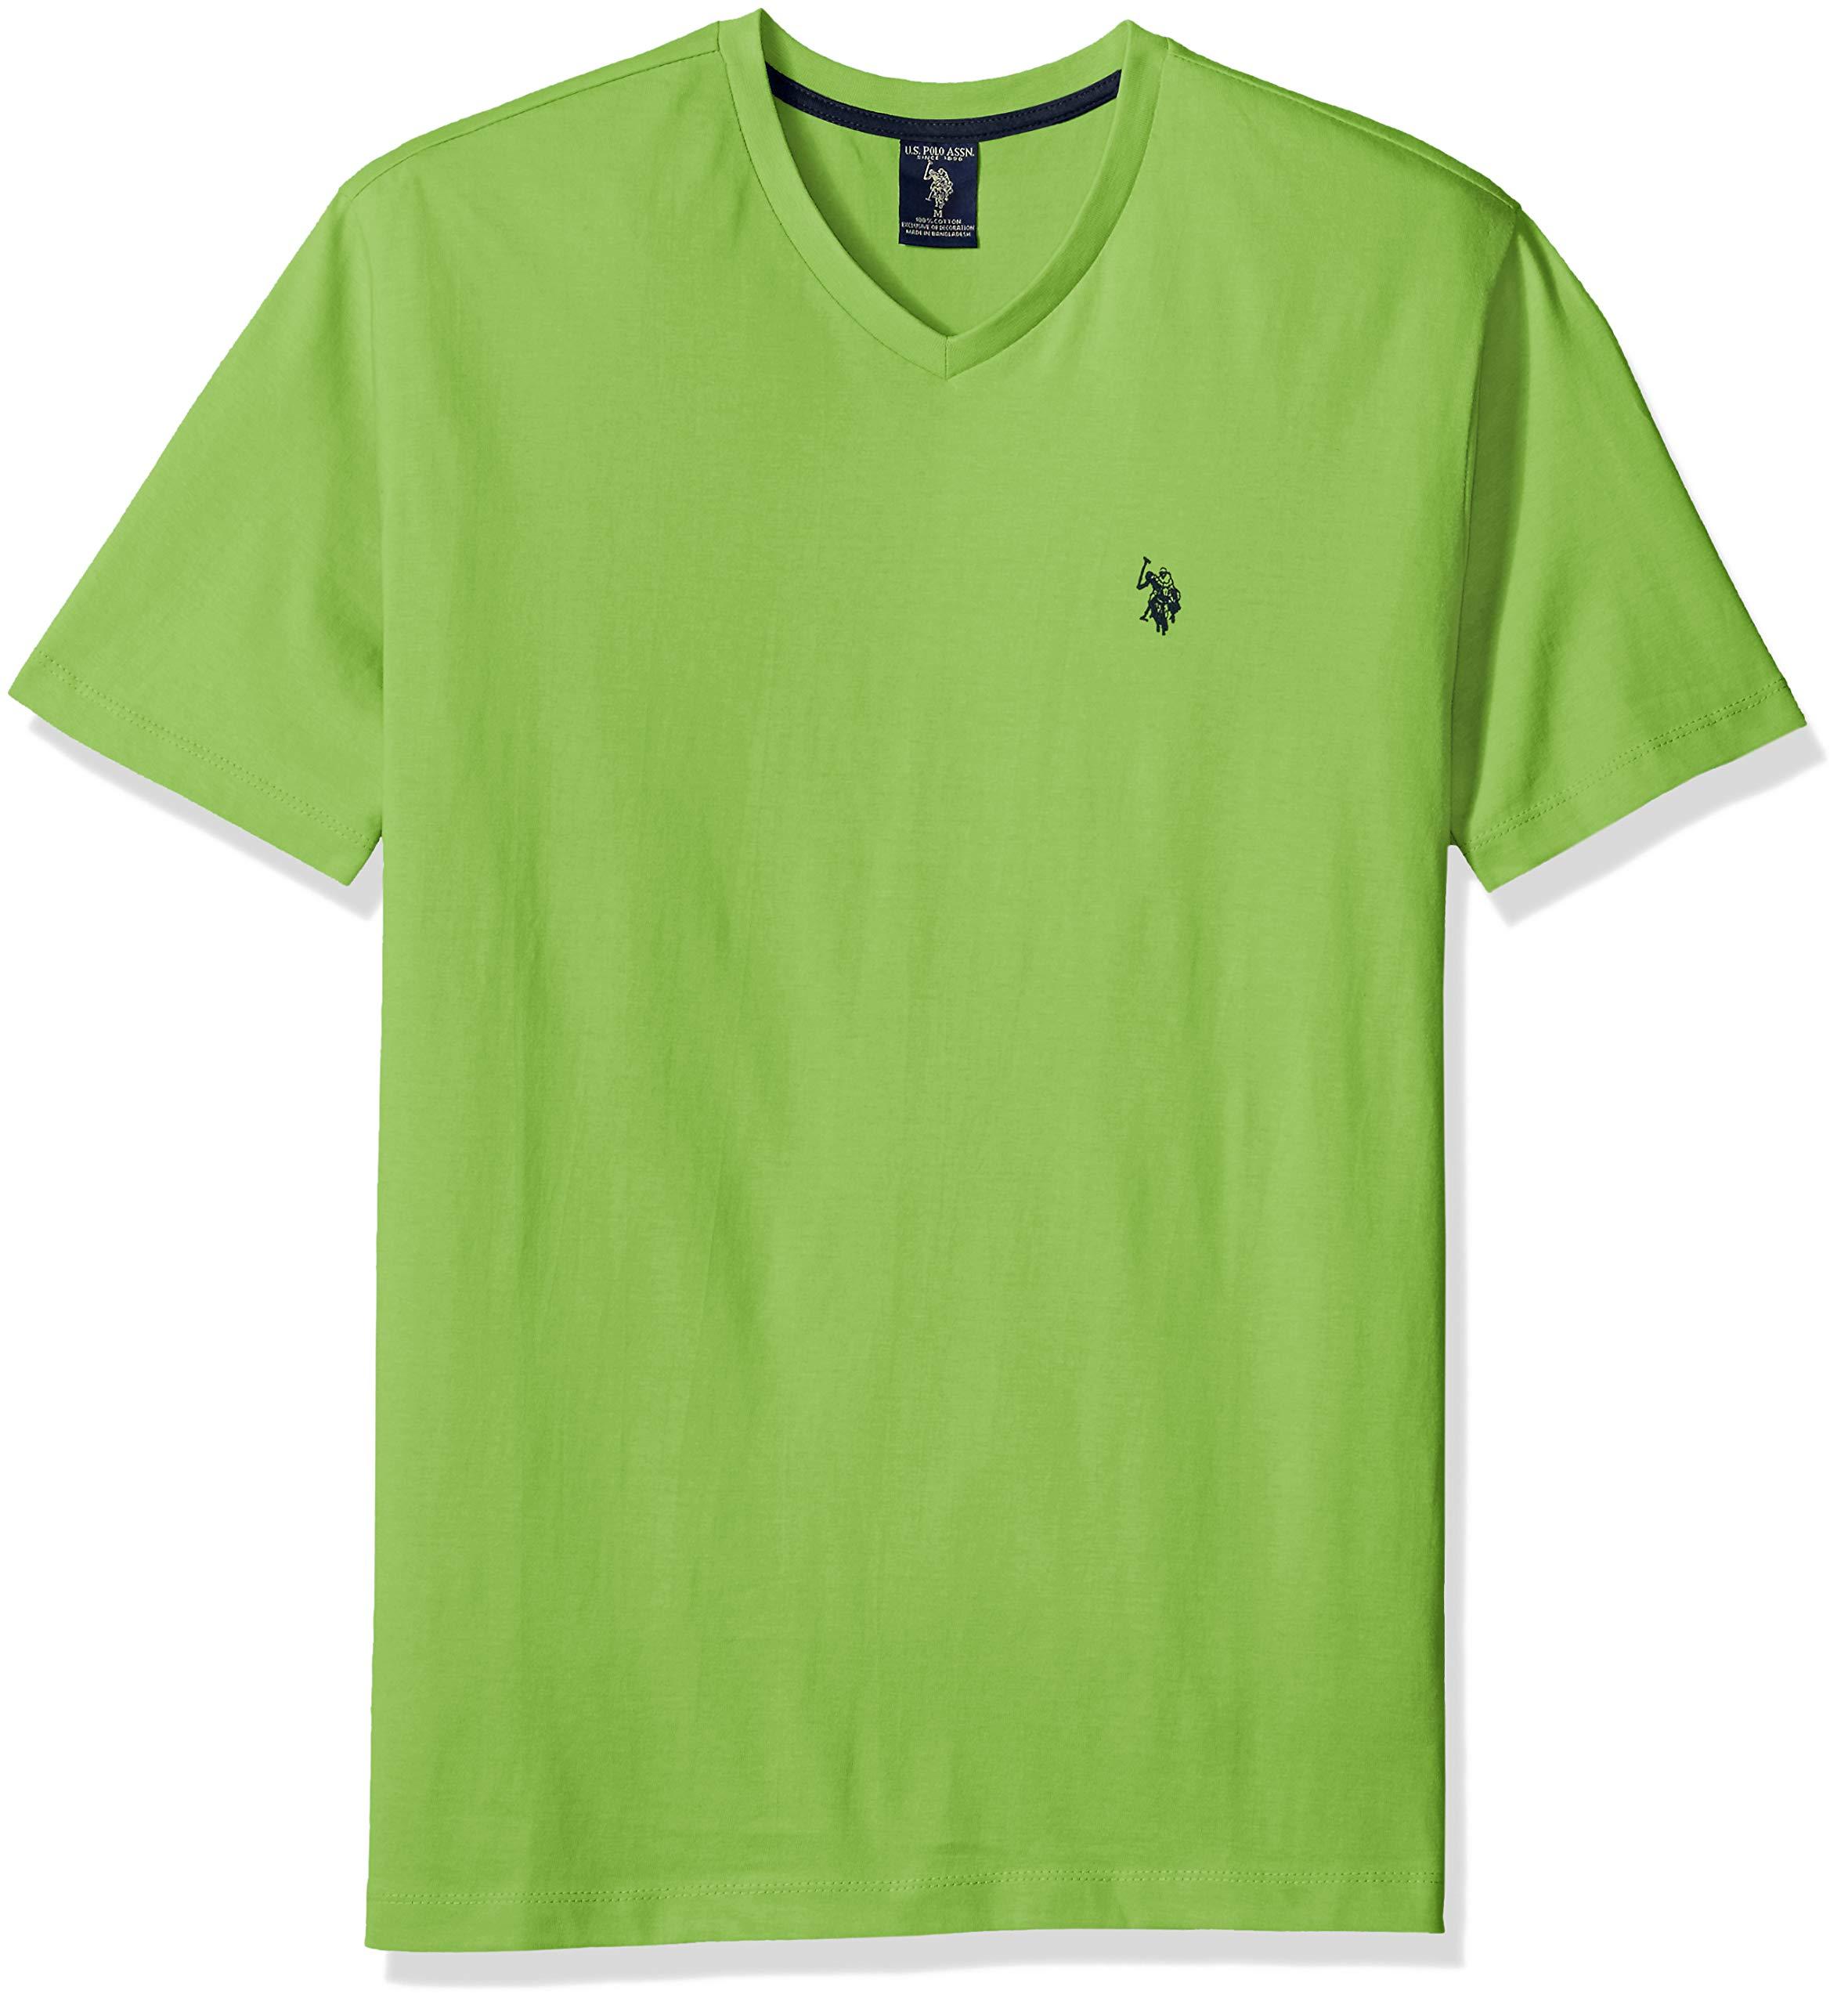 U.S. Polo Assn. Men's V-Neck T-Shirt, Summer Lime, L